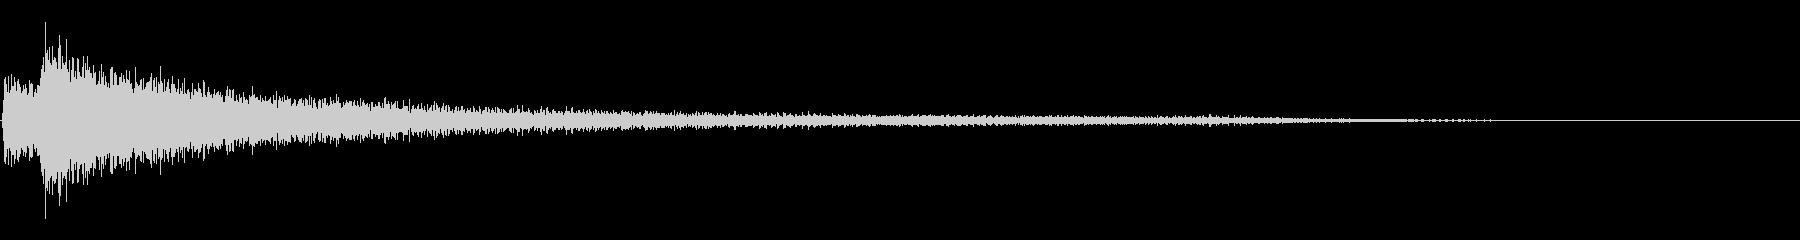 ガビーン ピアノ サスペンス リバーブ有の未再生の波形